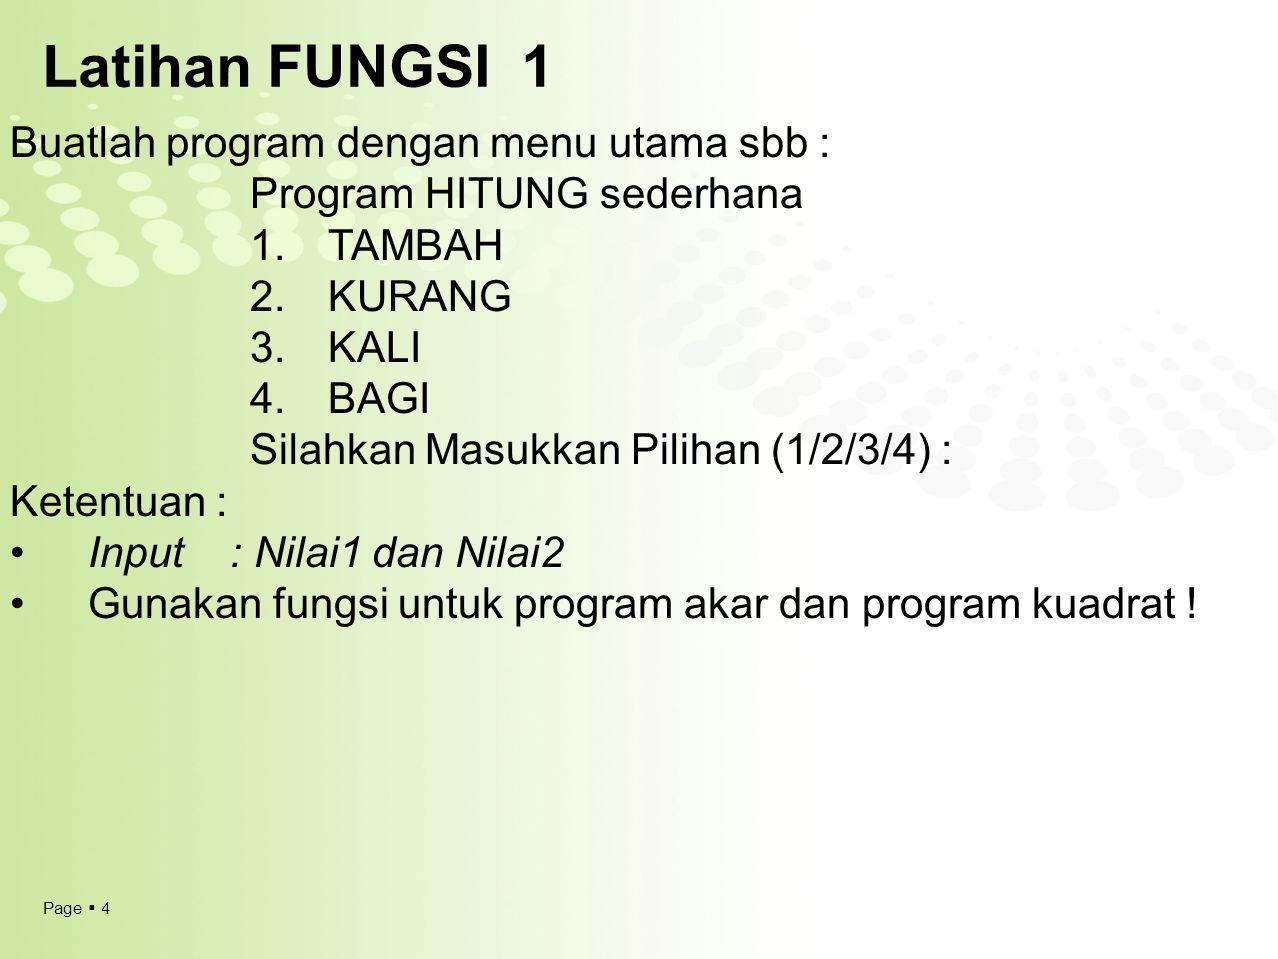 Page  4 Latihan FUNGSI 1 Buatlah program dengan menu utama sbb : Program HITUNG sederhana 1.TAMBAH 2.KURANG 3.KALI 4.BAGI Silahkan Masukkan Pilihan (